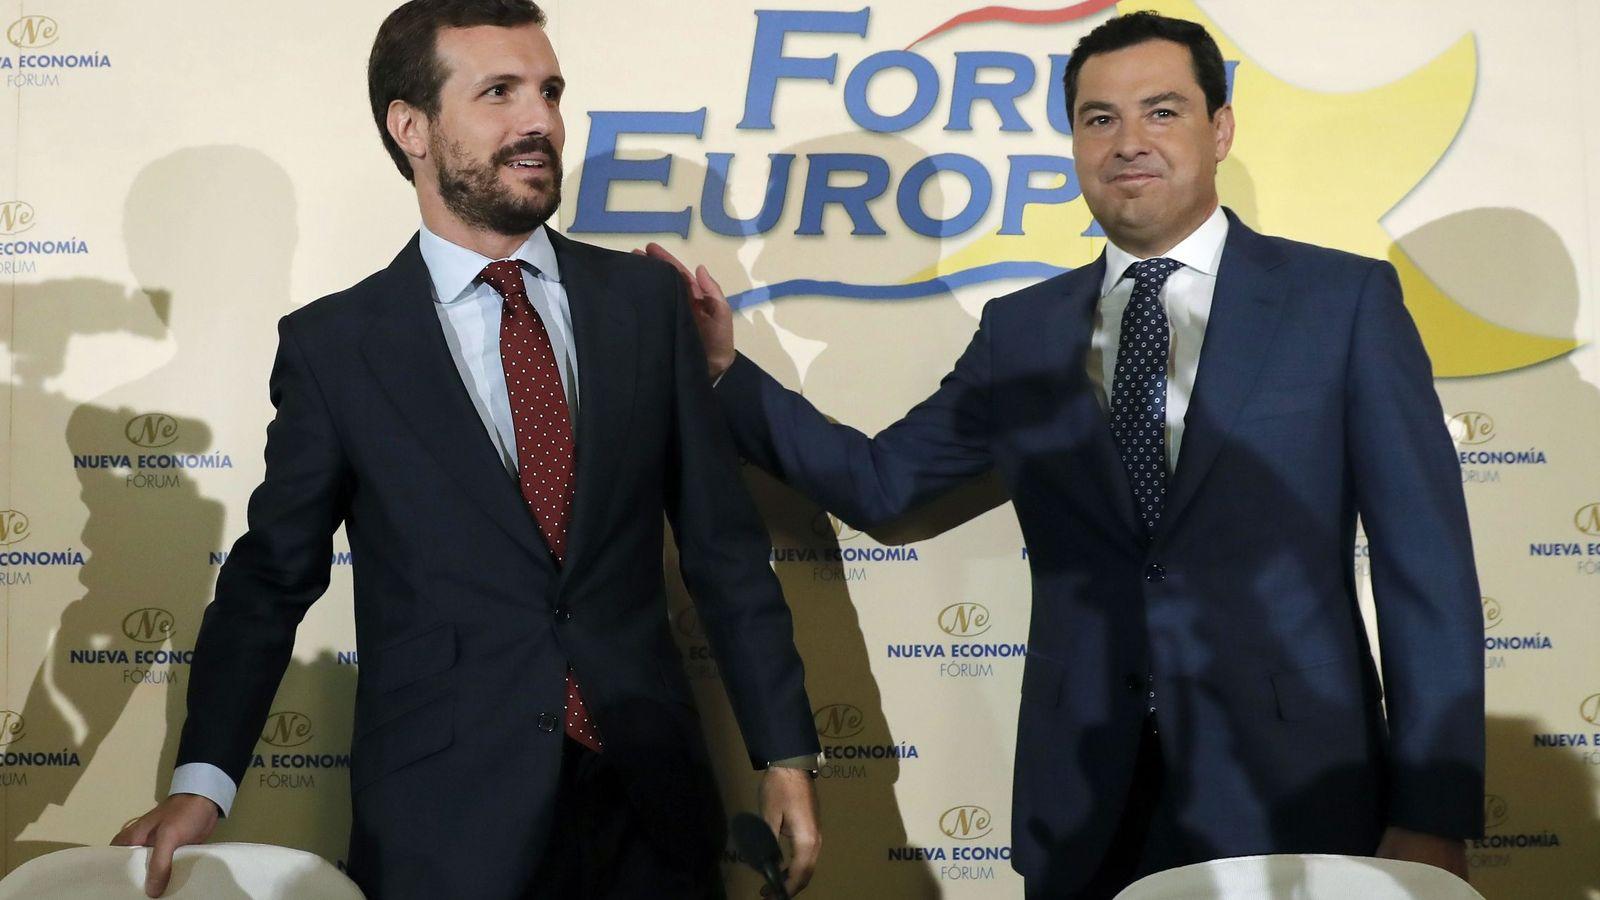 Foto: Juan Manuel Moreno Bonilla, junto a Pablo Casado. (EFE)